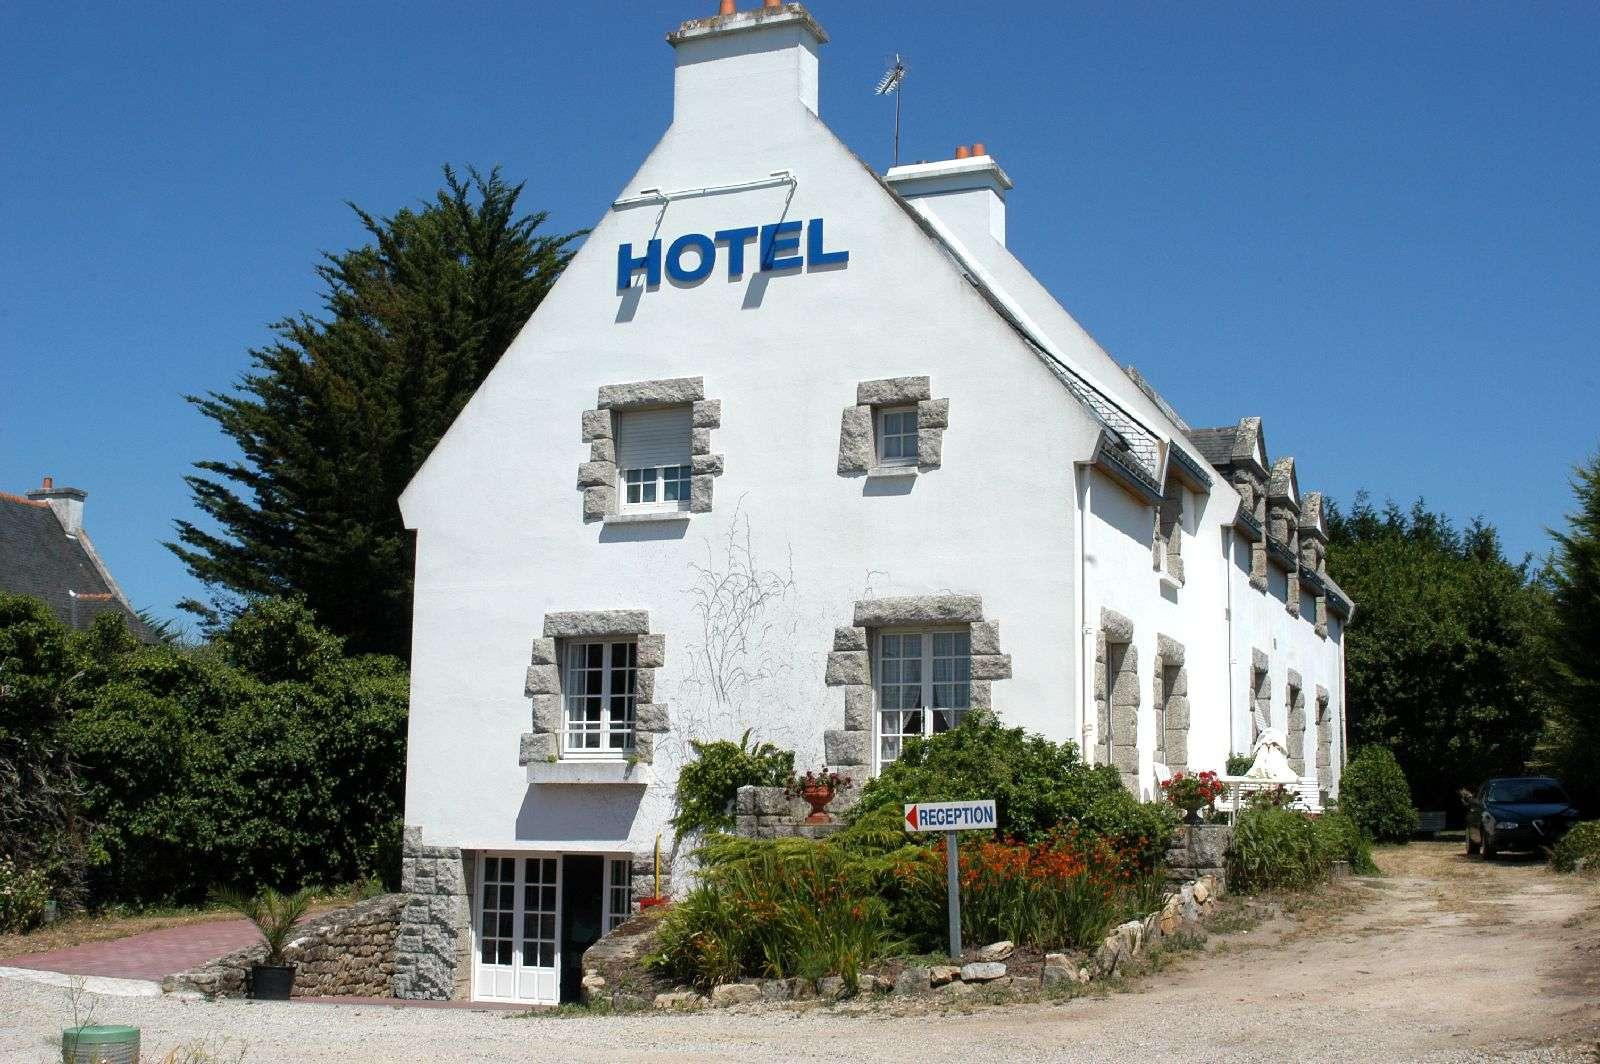 hebergement_hotel-an-ti-gwenn-carnac_Morbihan-Bretagne-Sud